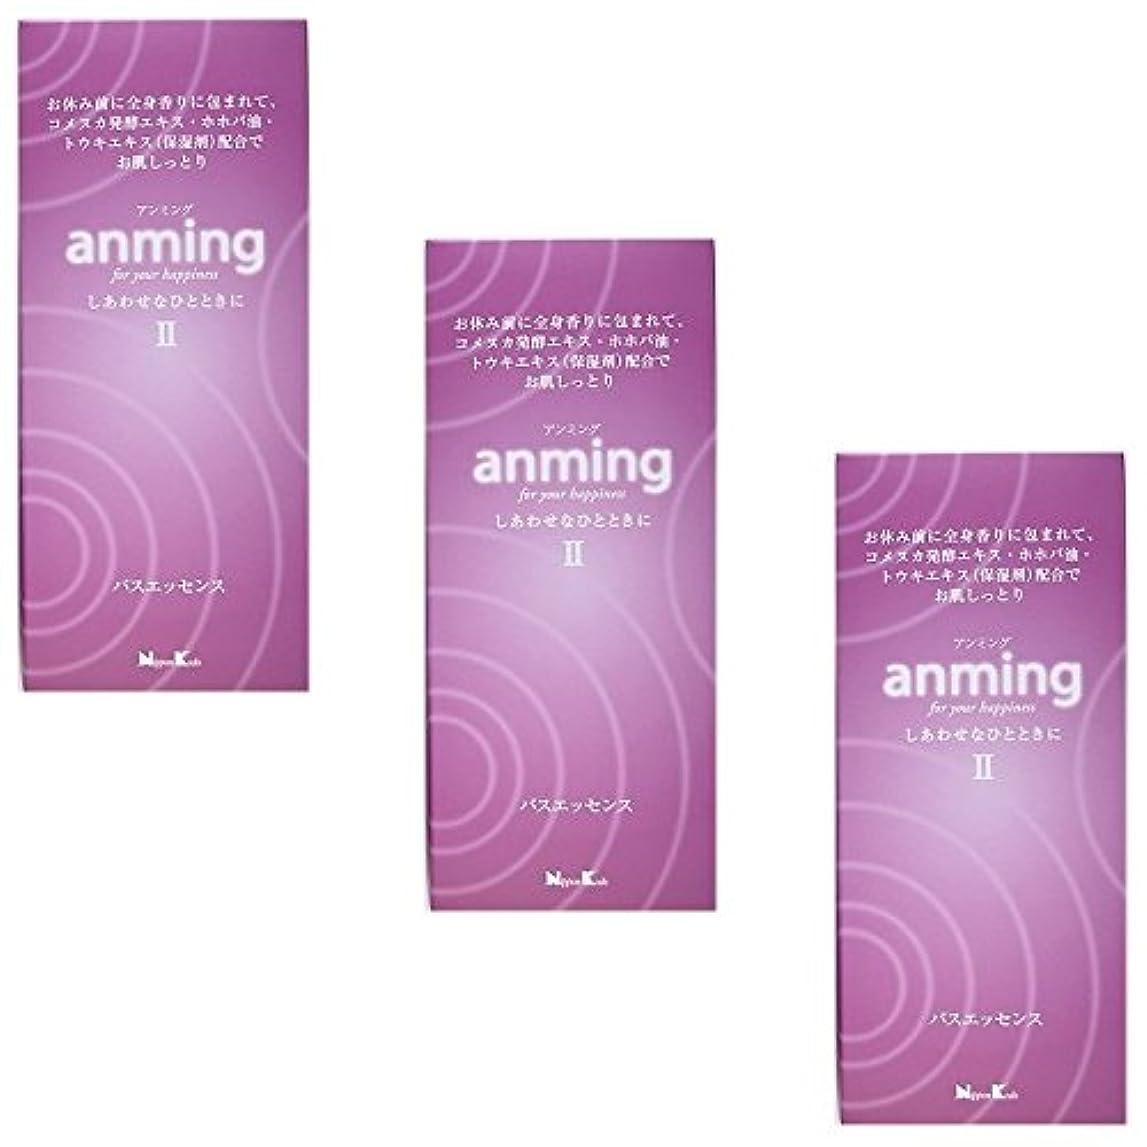 粘着性四お風呂を持っている【まとめ買い】anming2(アンミング2) バスエッセンス 480ml ×3個